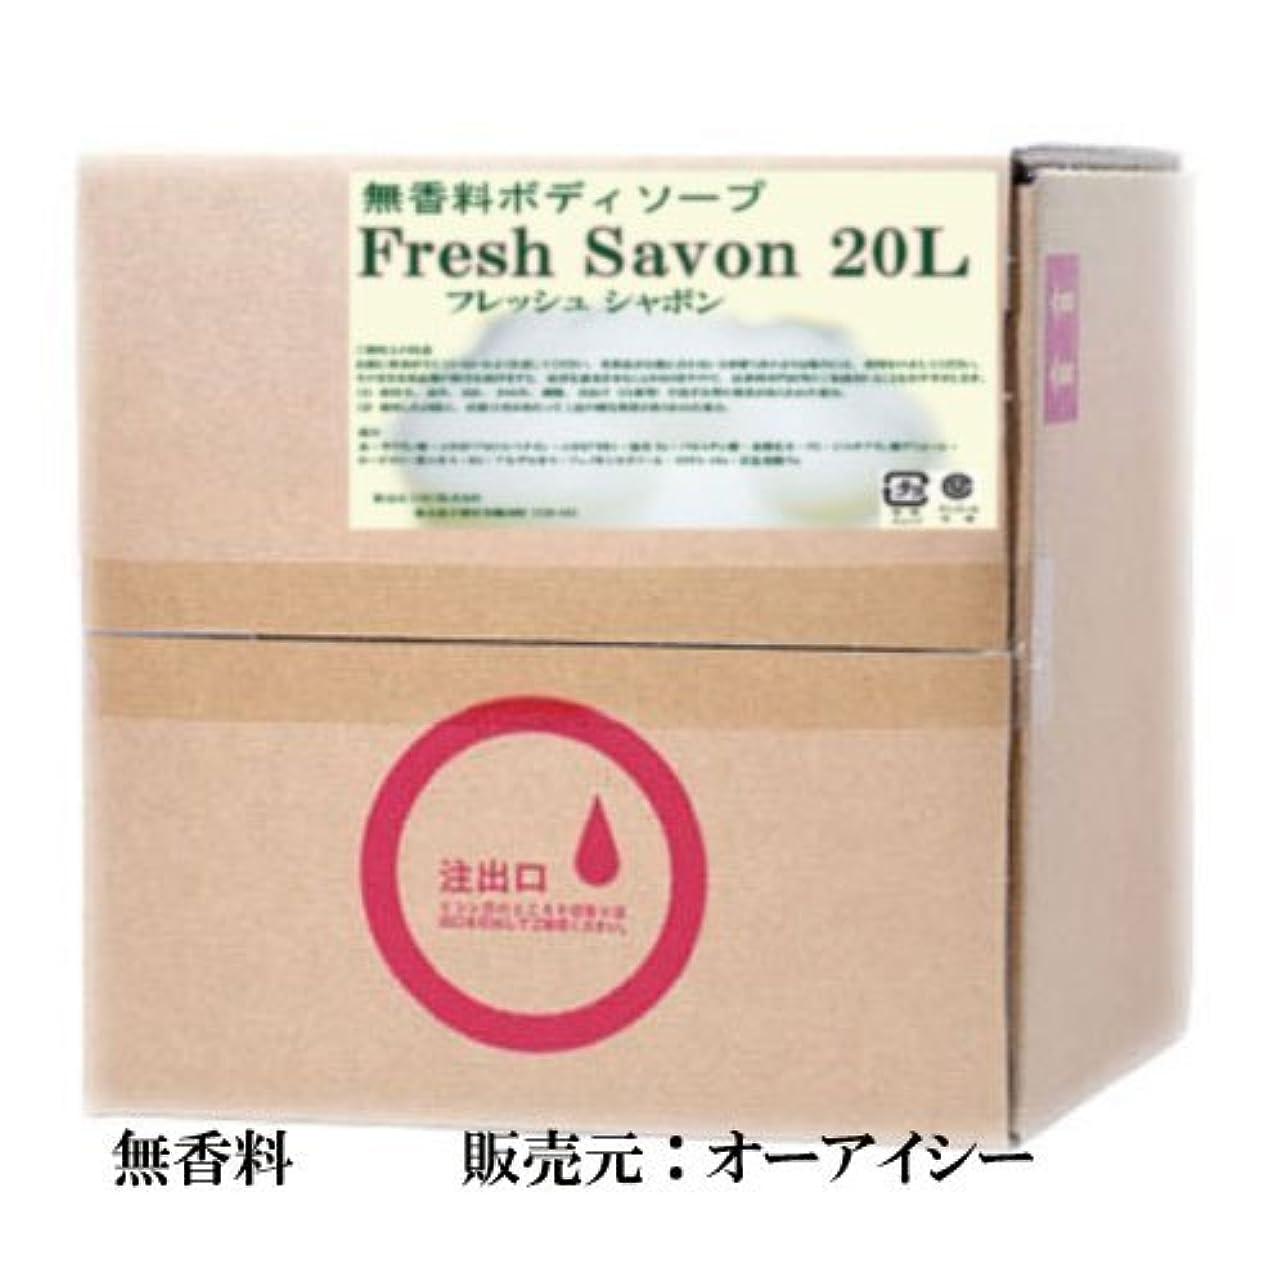 ミュートラジカル強制業務用 無香料 ボディソープ フレッシュシャボン 20L (販売元:オーアイシー) (ホワイト)